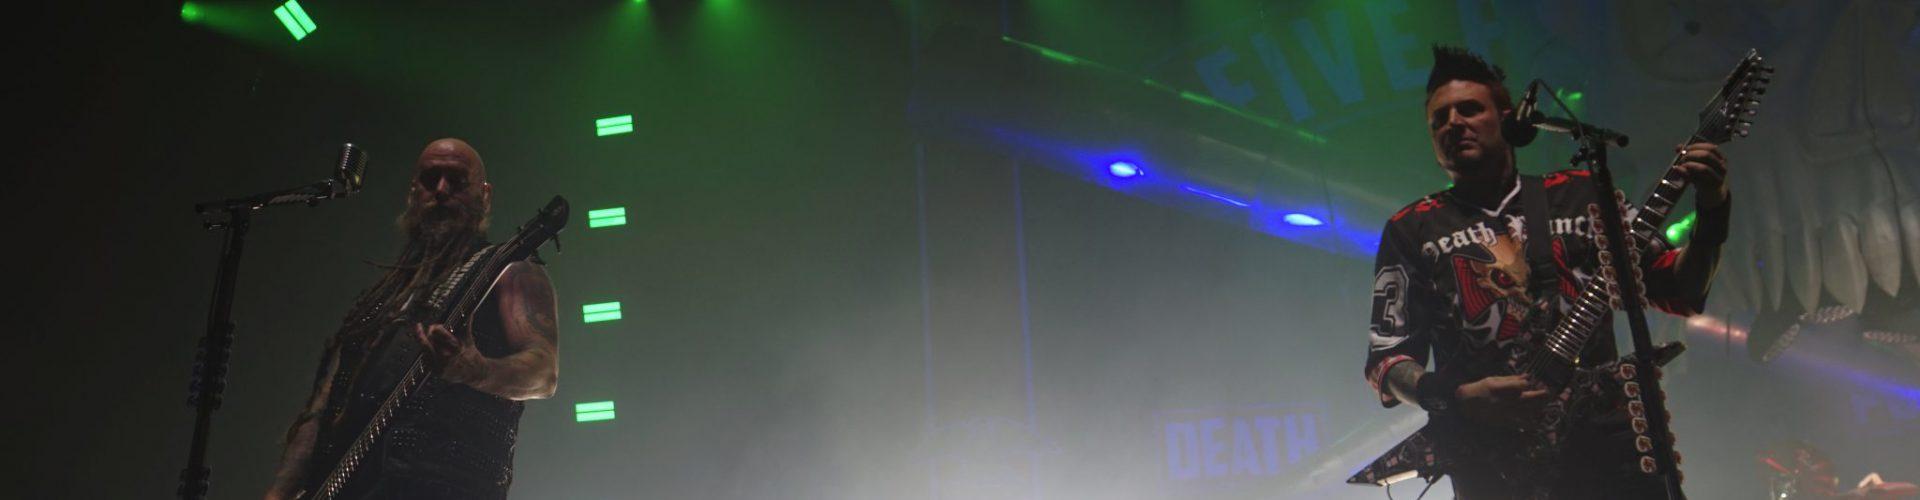 FOTOSTRECKE – In Flames & Five Finger Death Punch in Frankfurt